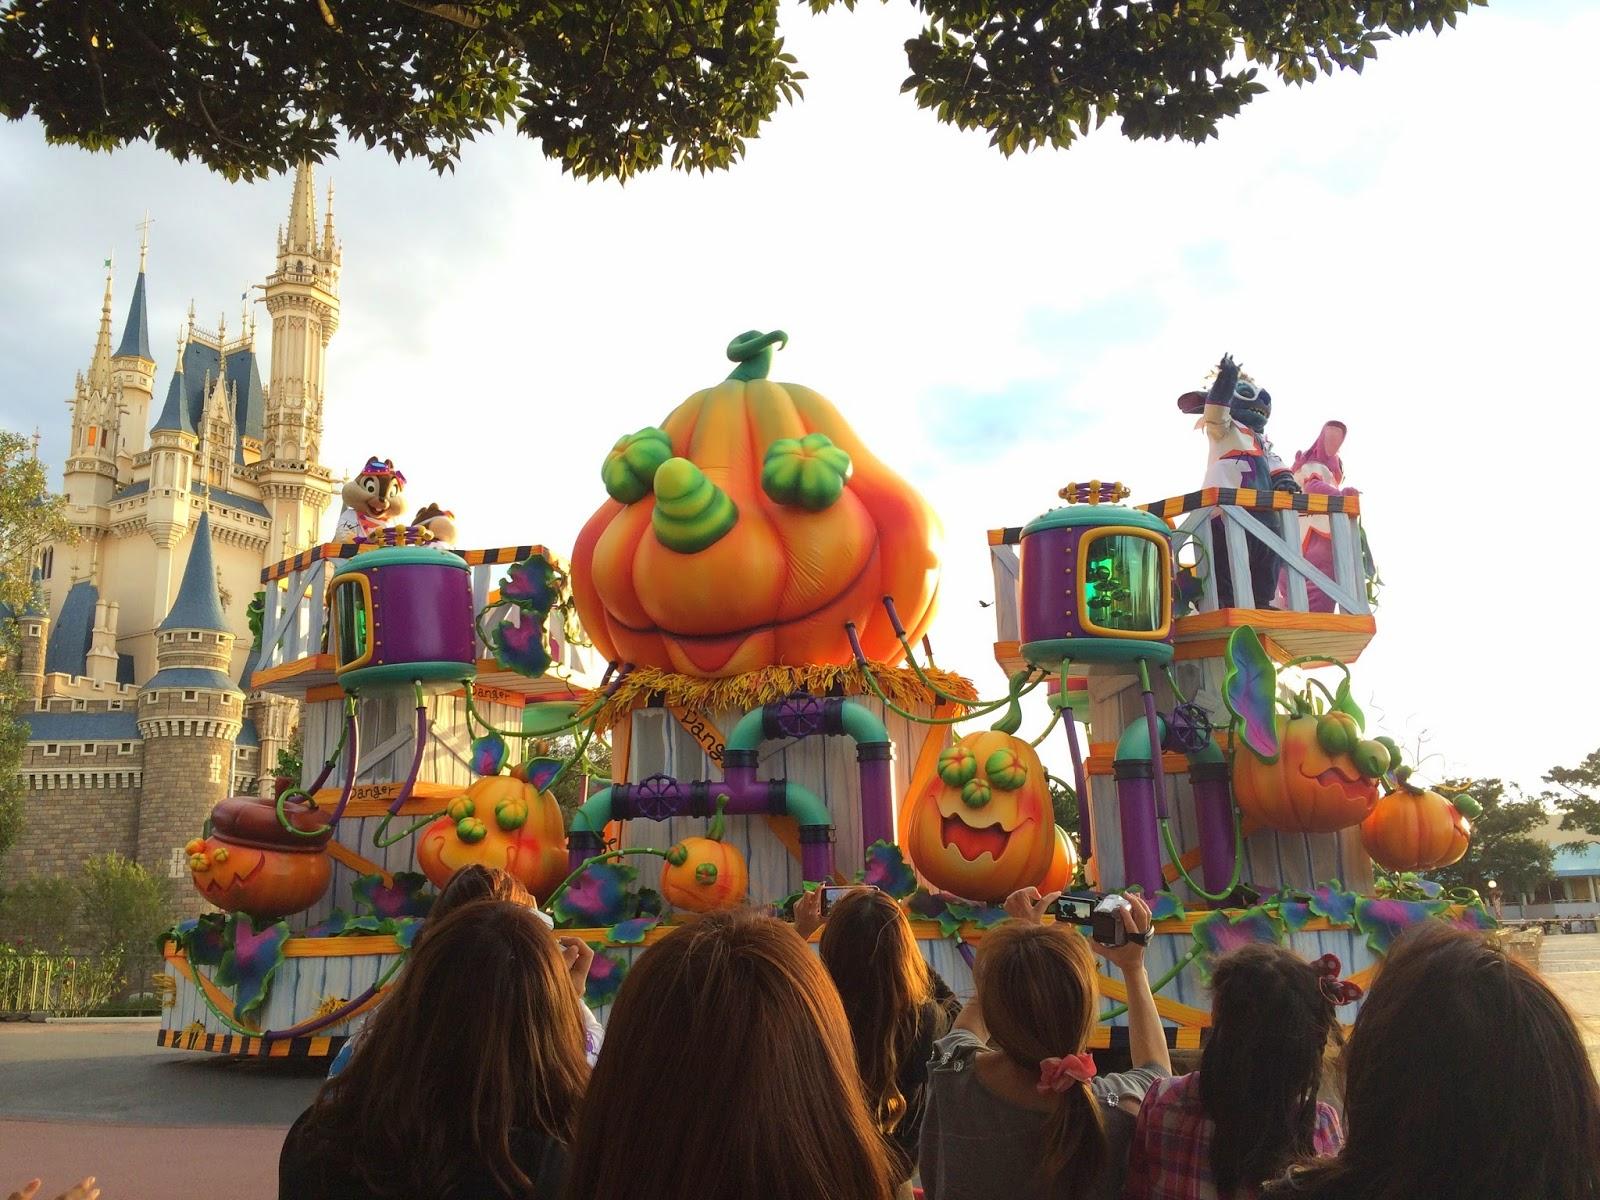 Tokyo Disneyland Halloween 2014 special